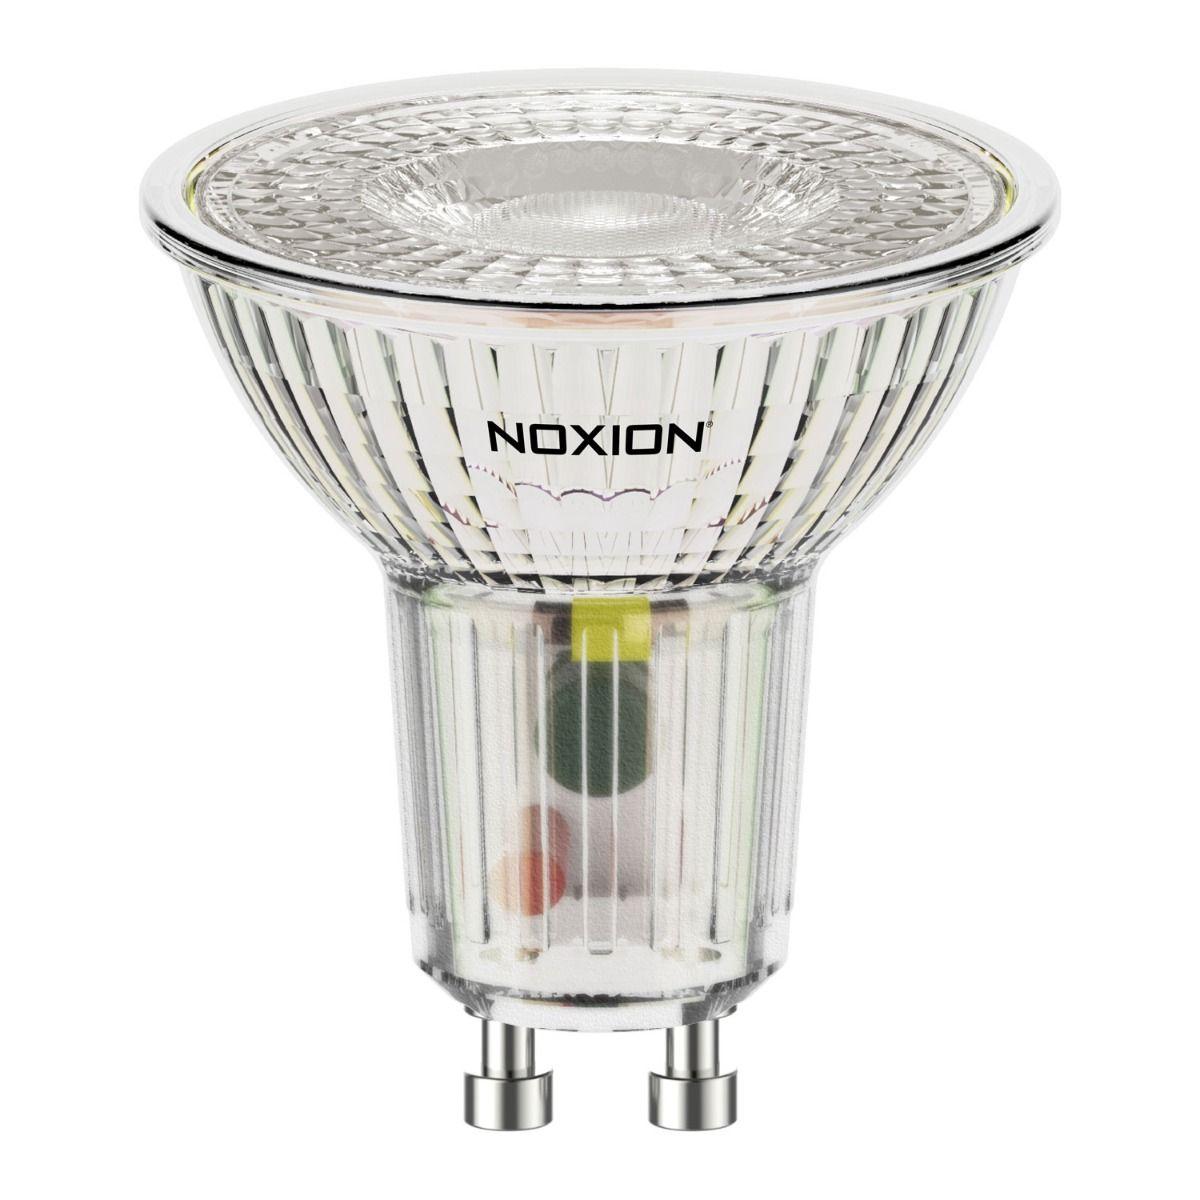 Noxion LED-Spot GU10 4W 840 36D 400lm | Kaltweiß - Ersatz für 50W